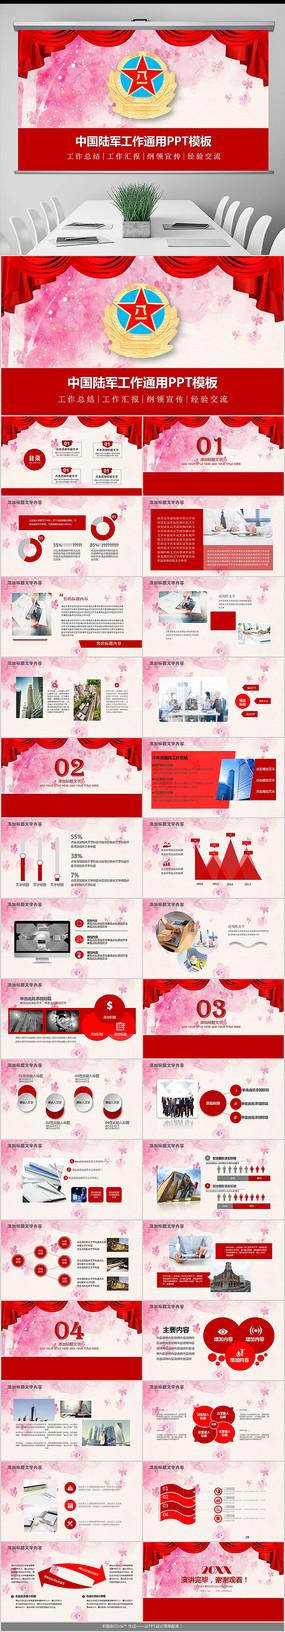 中国陆军工作通用PPT模板